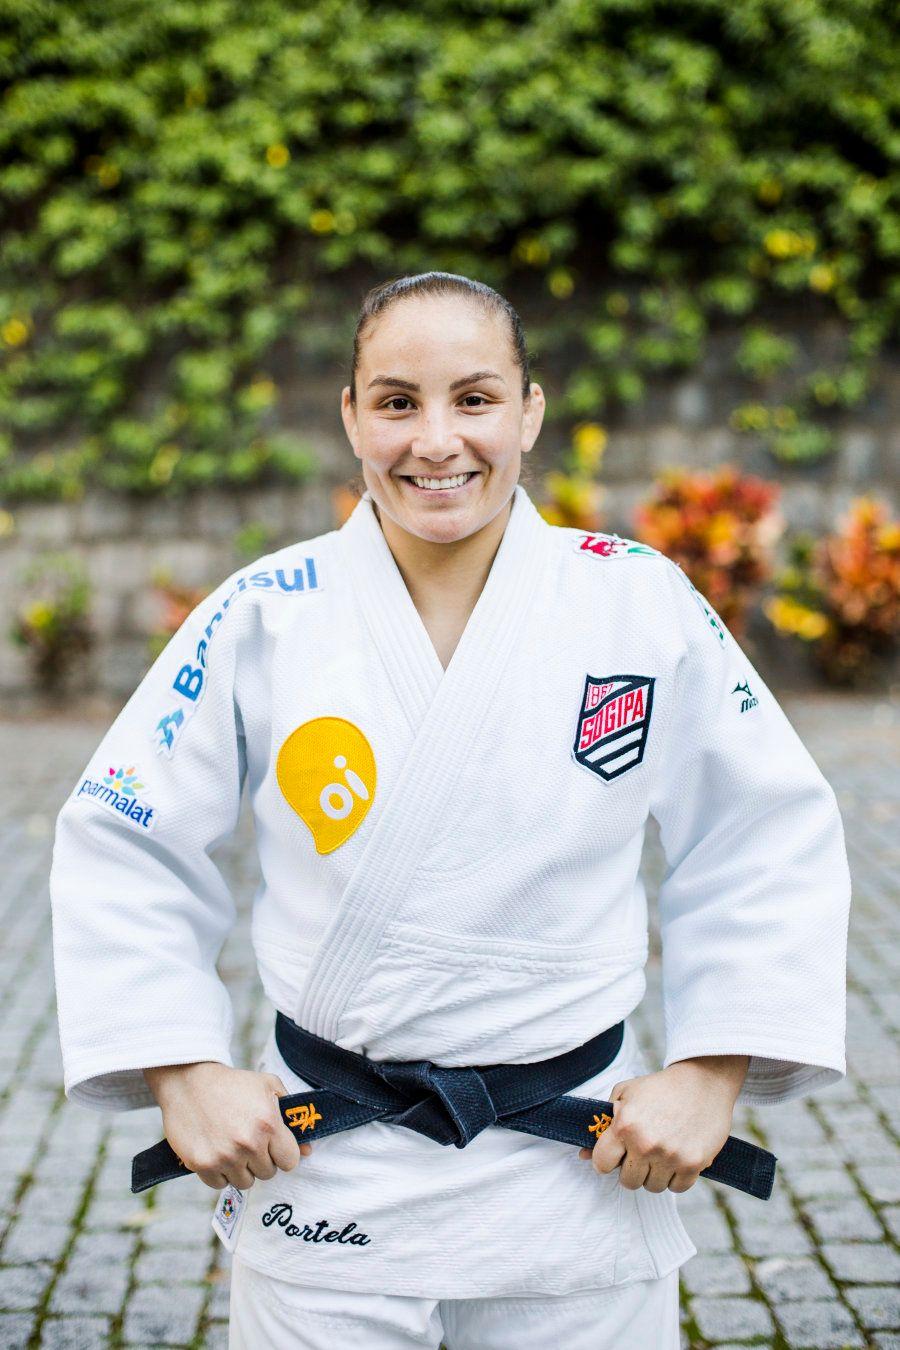 Maria Portela correu - e muito - atrás do sonho de ser uma atleta olímpica. E veste o uniforme com